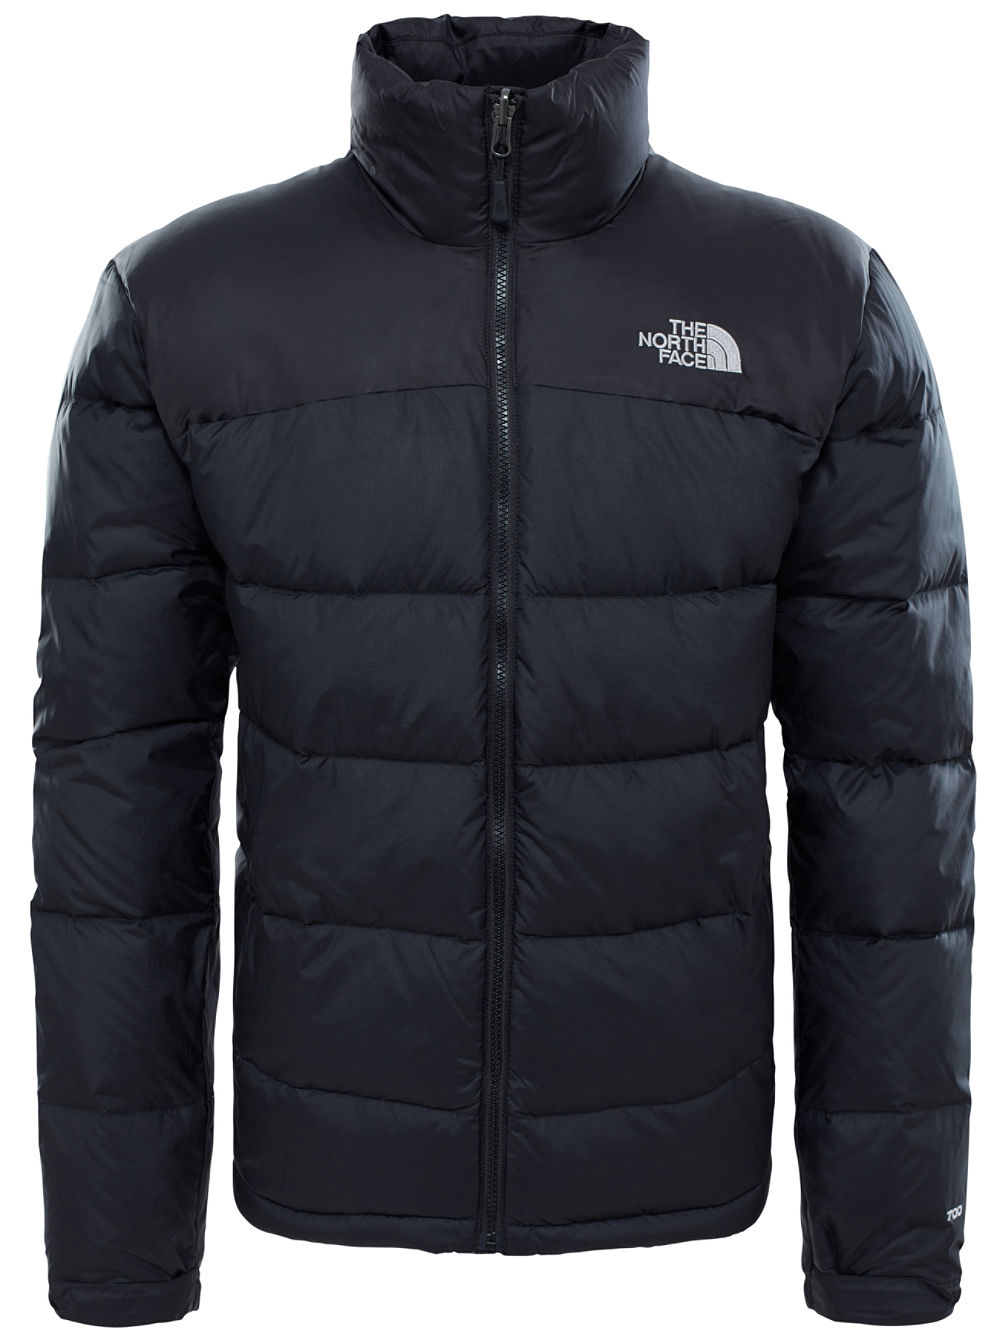 468088bdc Nuptse 2 Jacket